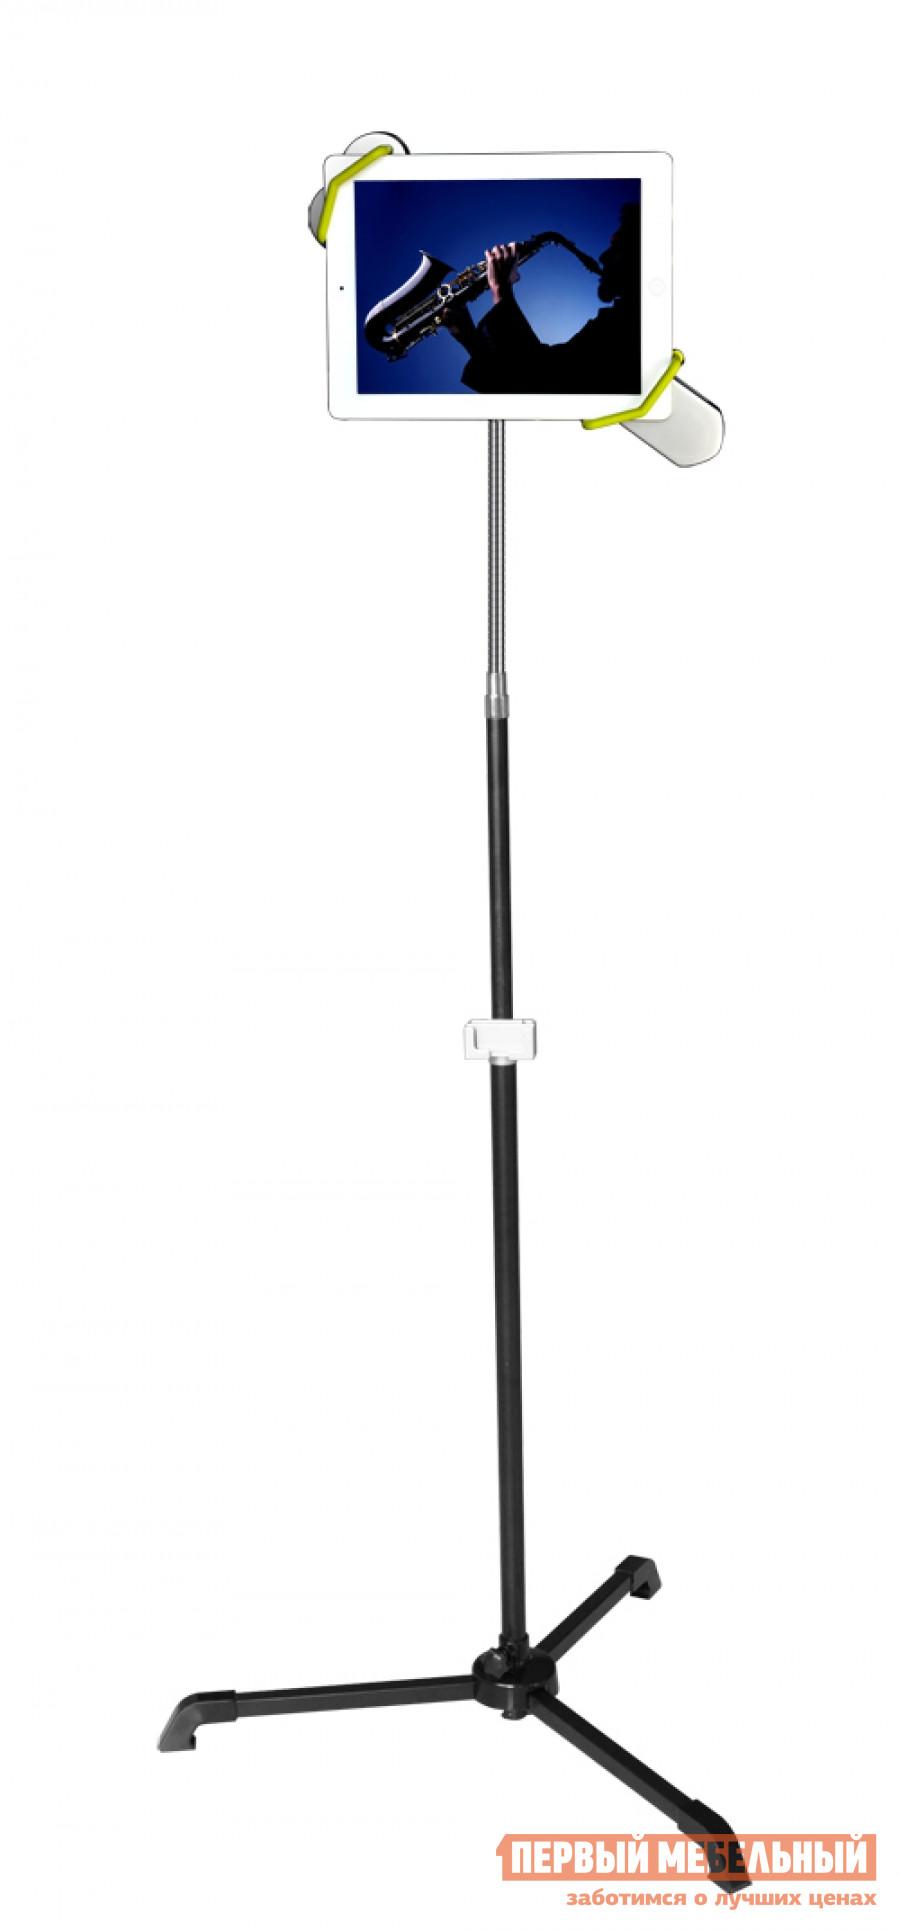 Подставка для планшета Smart bird NBS-08 Черный